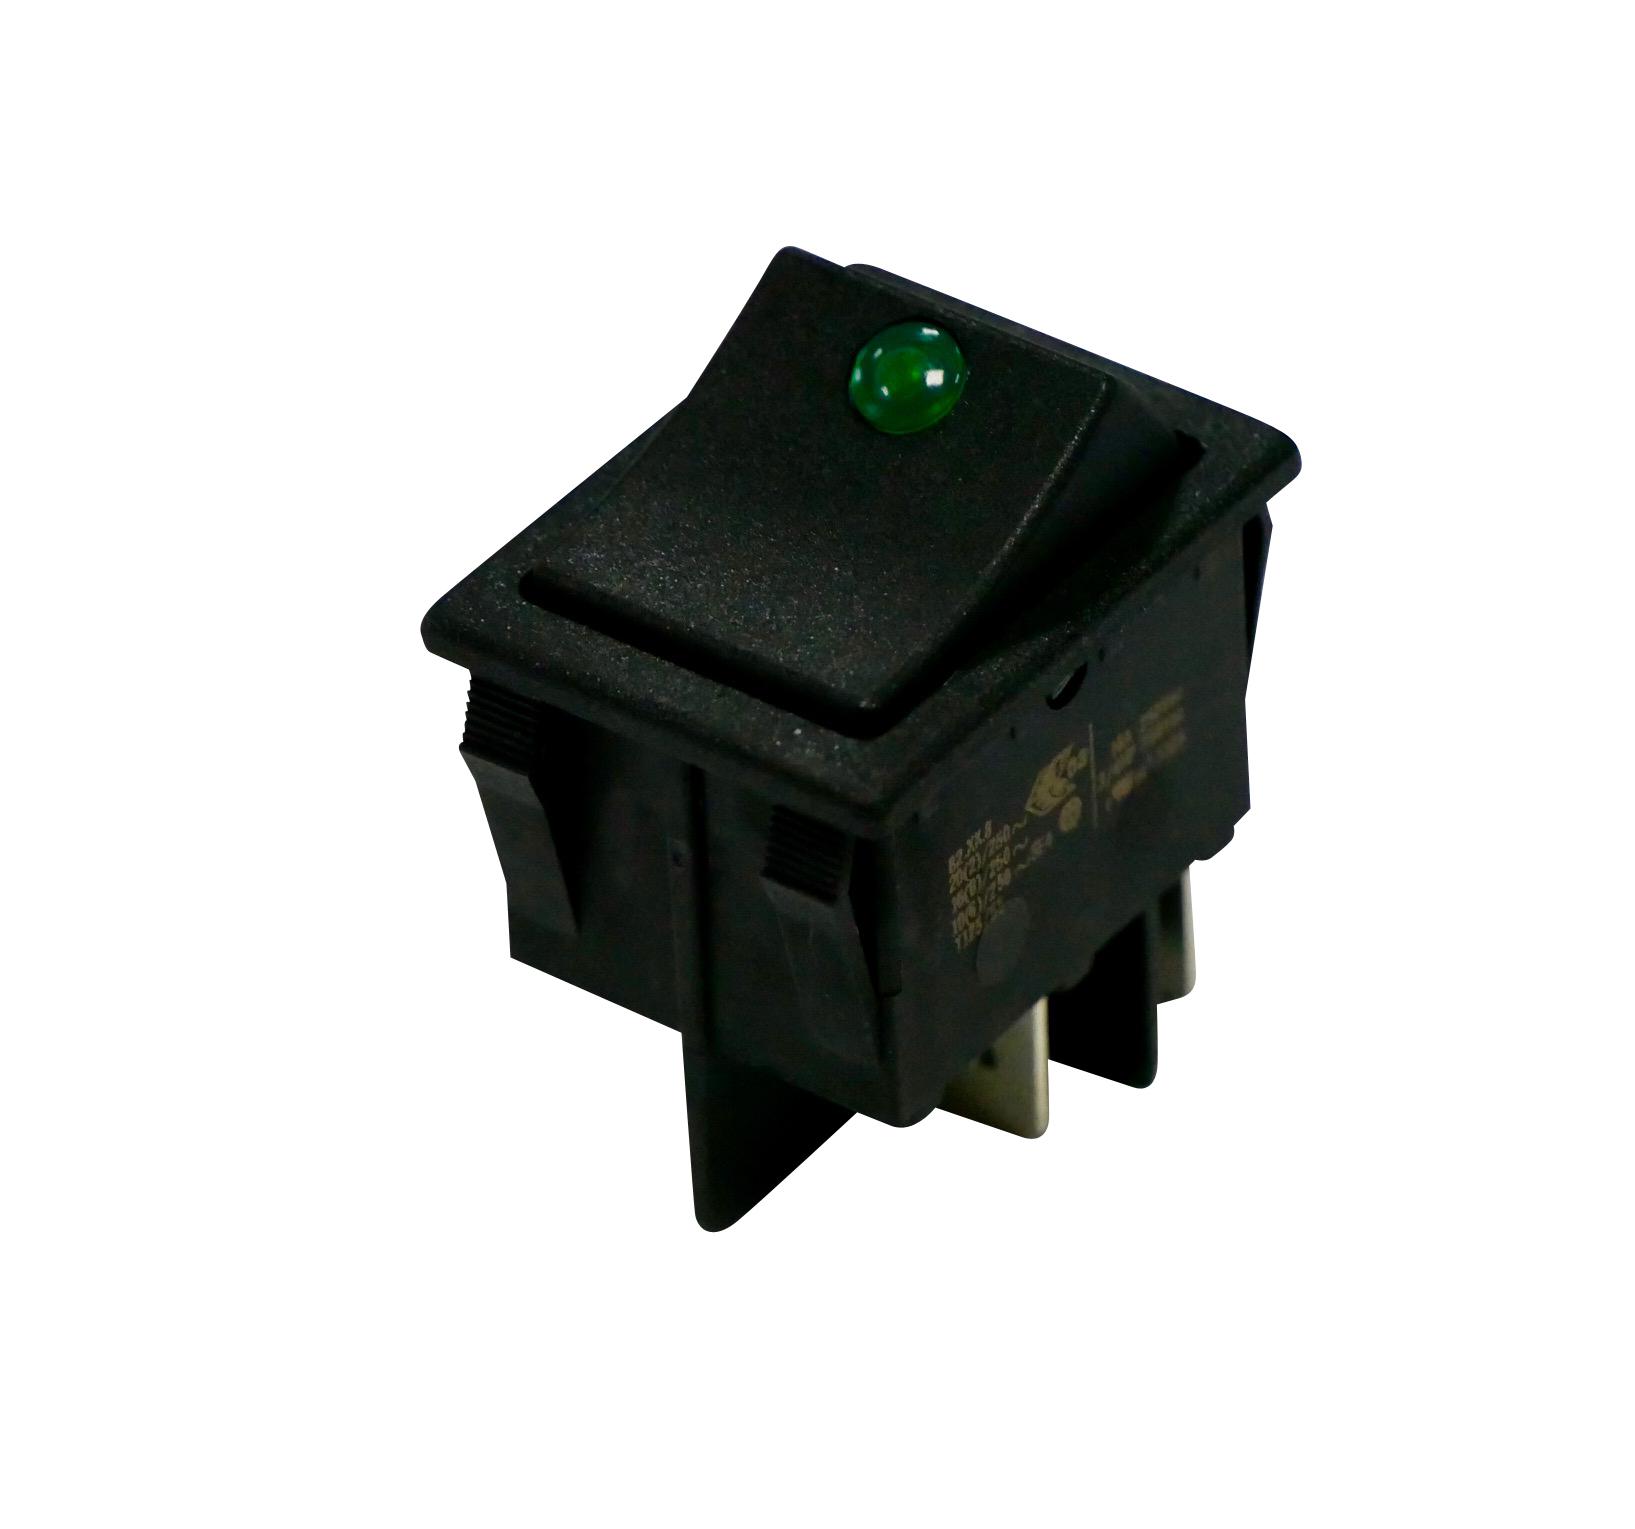 Interrupteur à bascule lentille verte corps noir, On-Off, lumineux, 250V